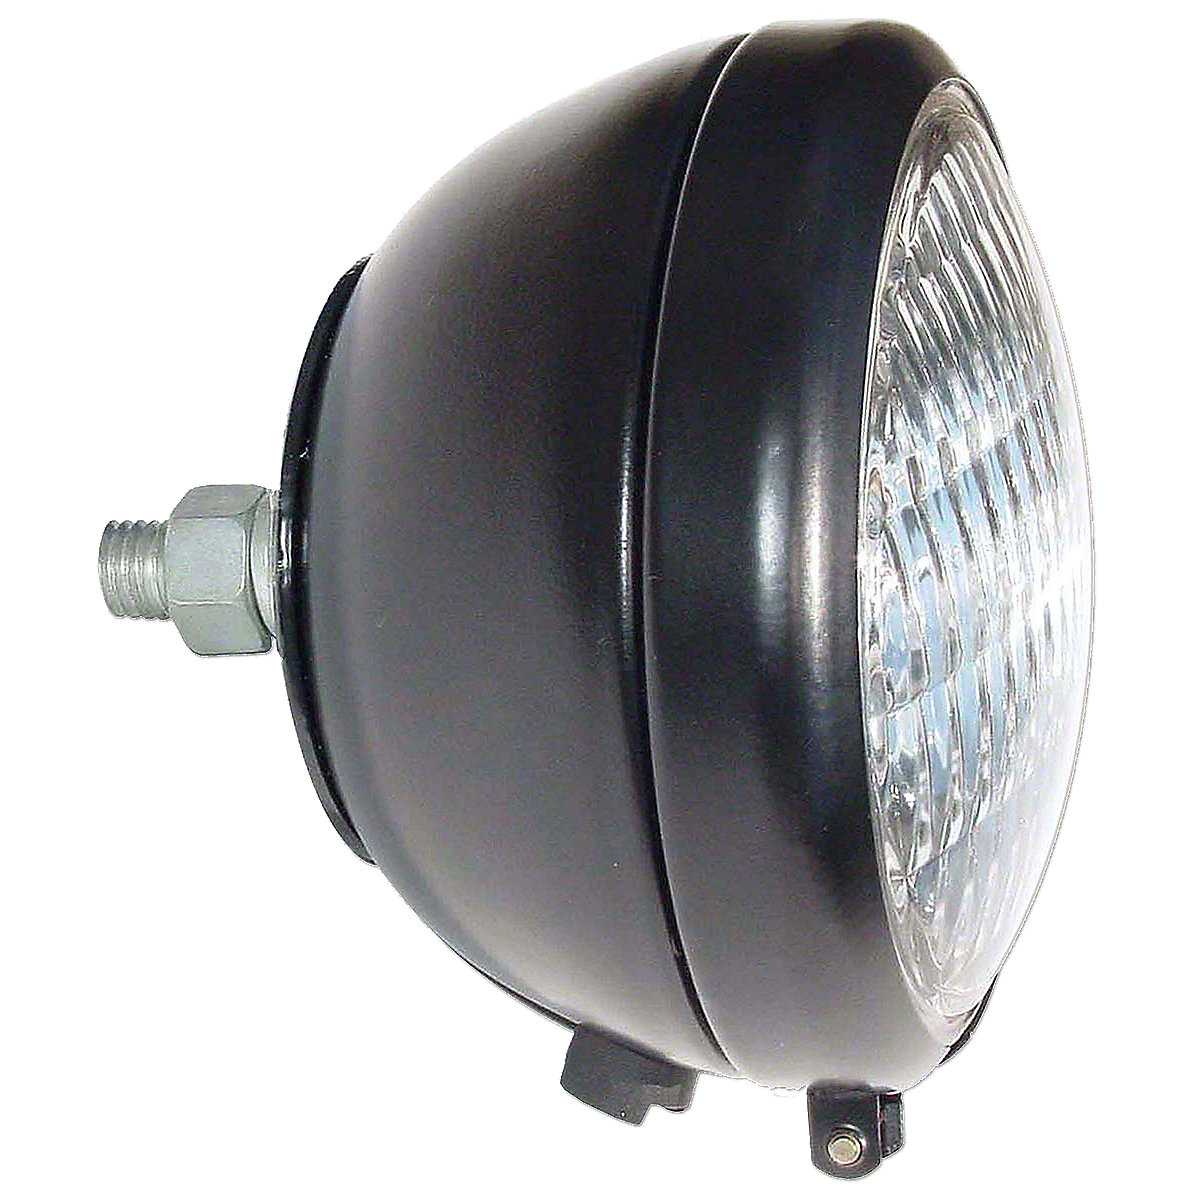 6 Volt Tractor Headlight Bulb : Jds volt hi beam sealed hea